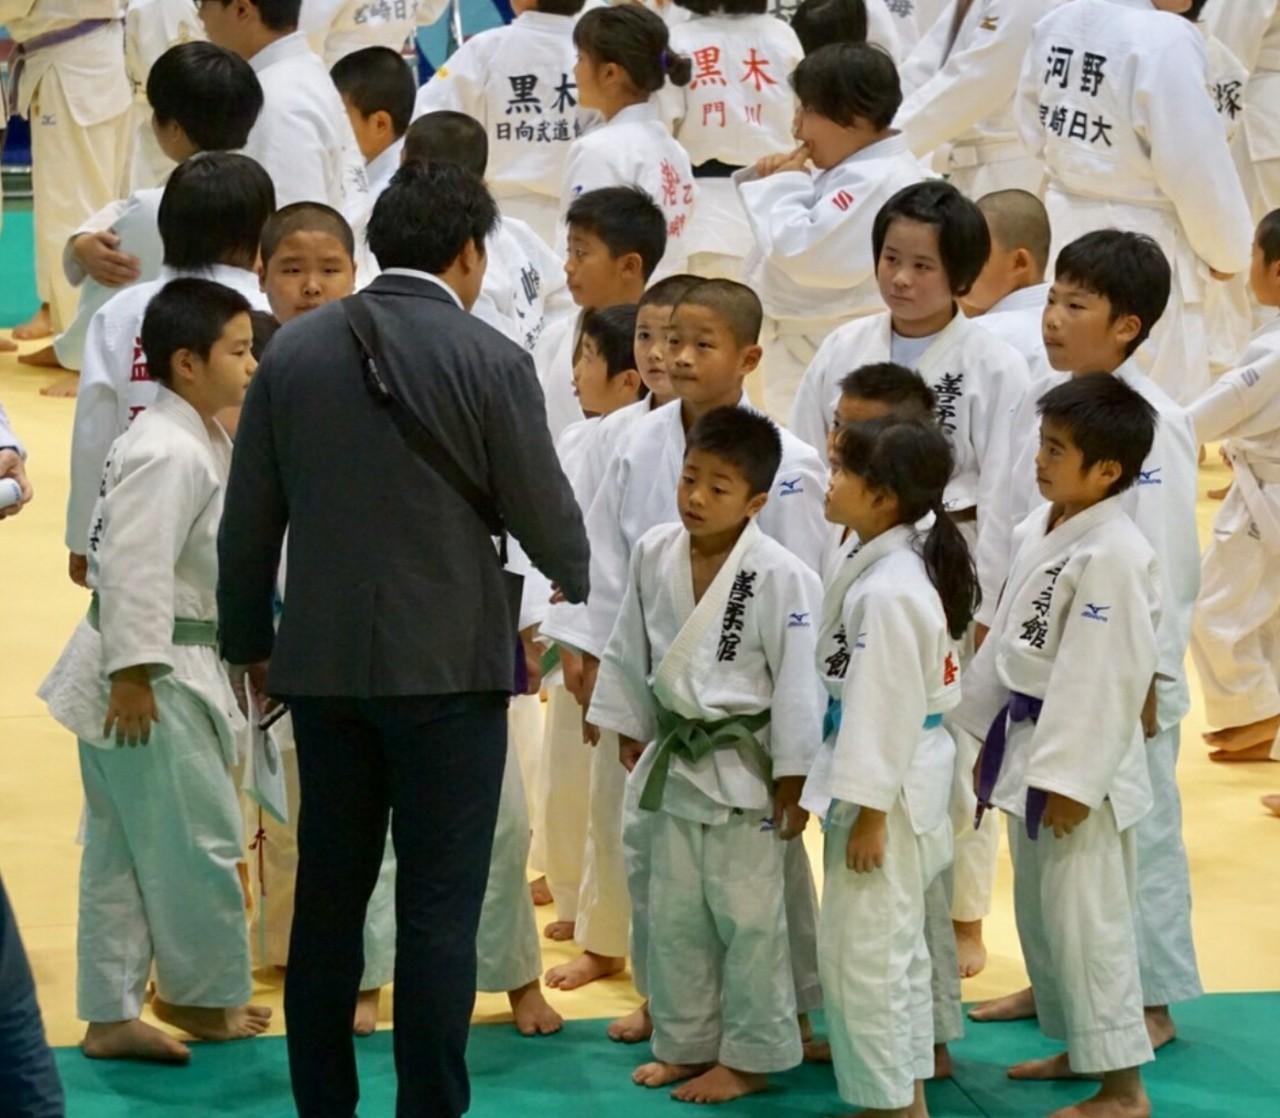 2019 磯貝杯九州少年柔道_b0172494_08043785.jpg